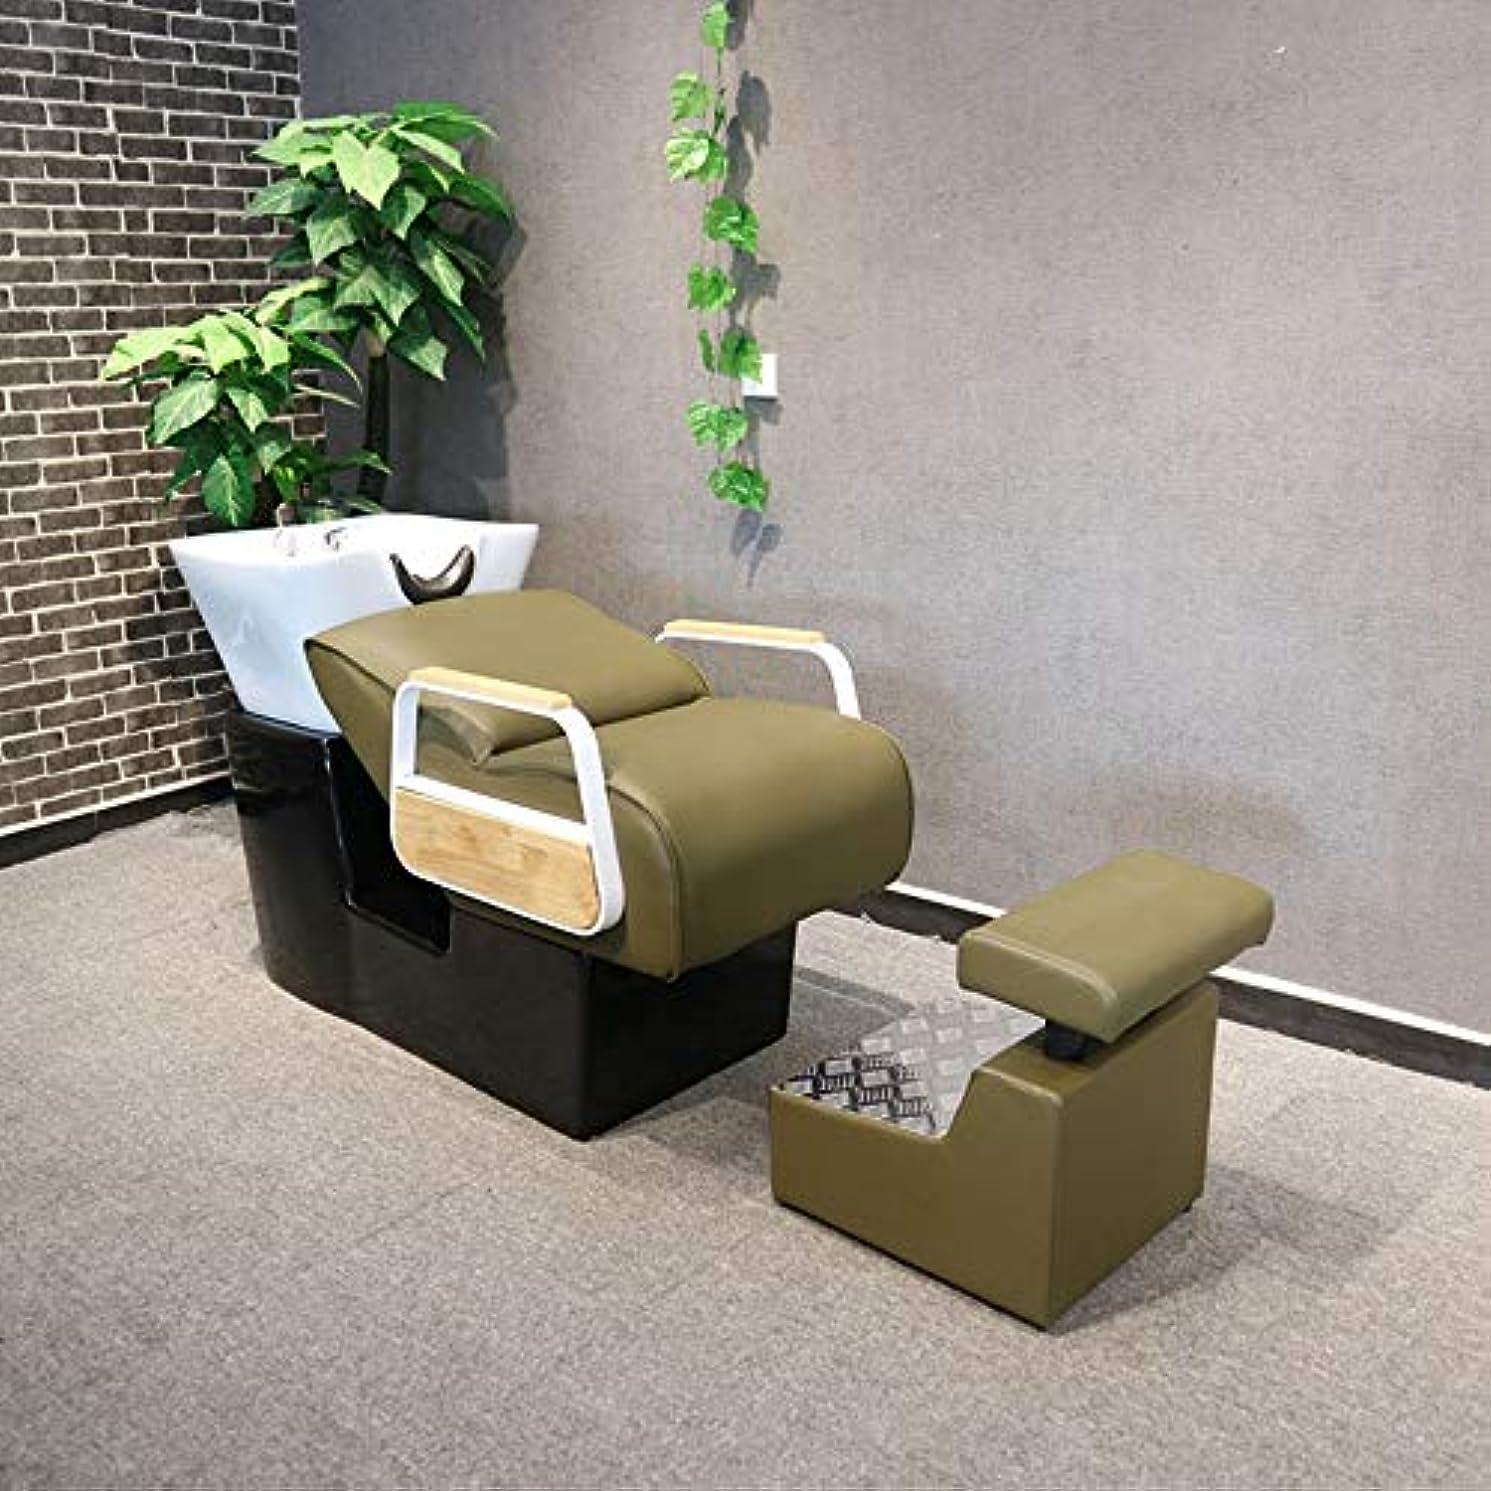 狭い苦痛狂ったシャンプーの椅子、美容院装置の逆洗装置の陶磁器の洗面器の洗い流すベッドのシャンプーボールの理髪店の流しの椅子